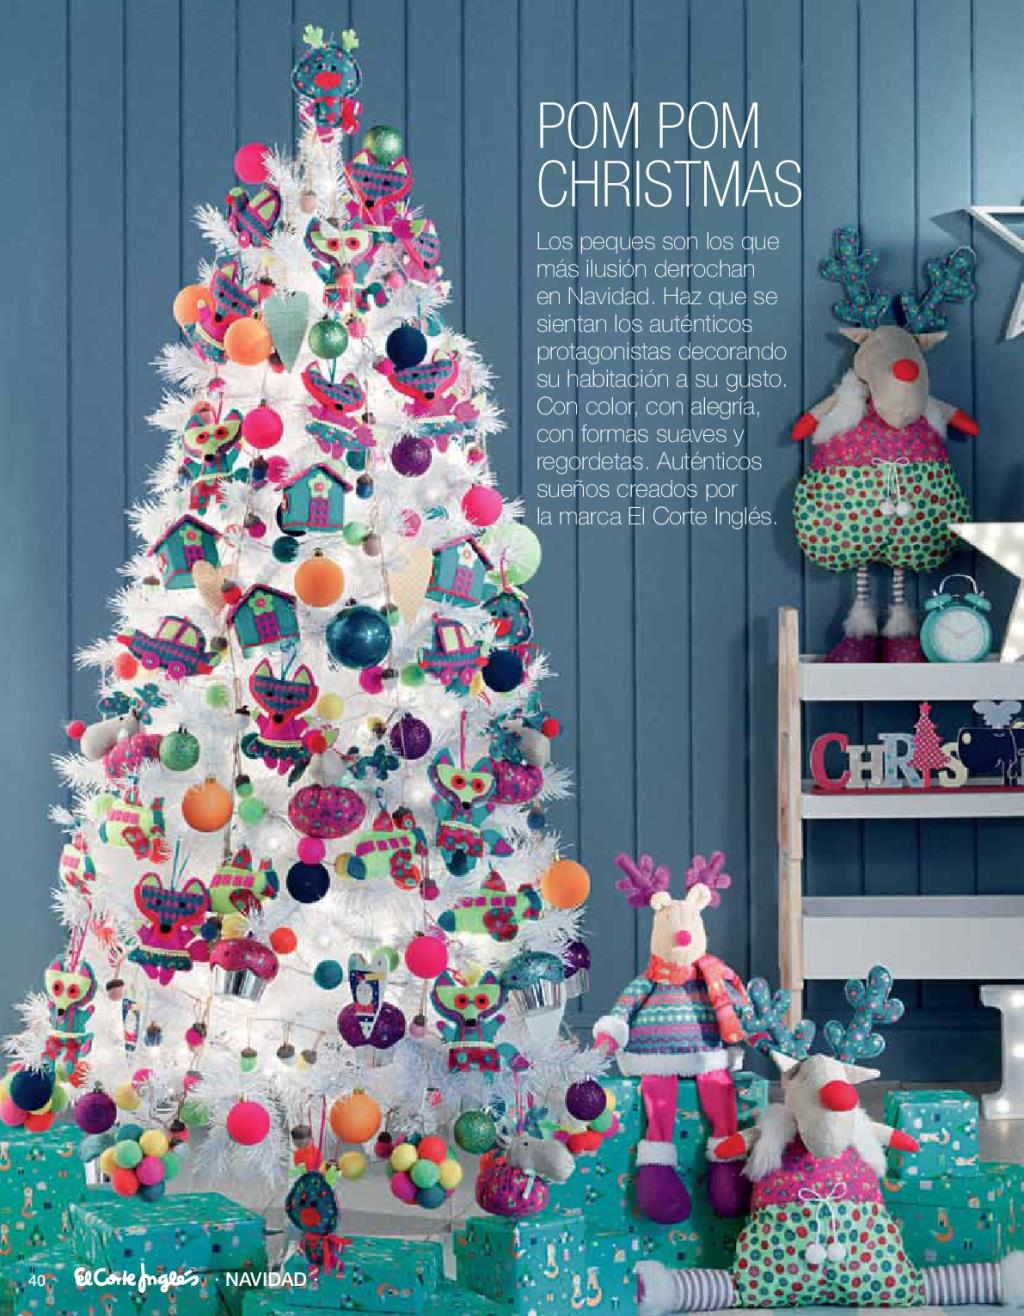 Navidad el corte ingles40 for Adornos de navidad el corte ingles